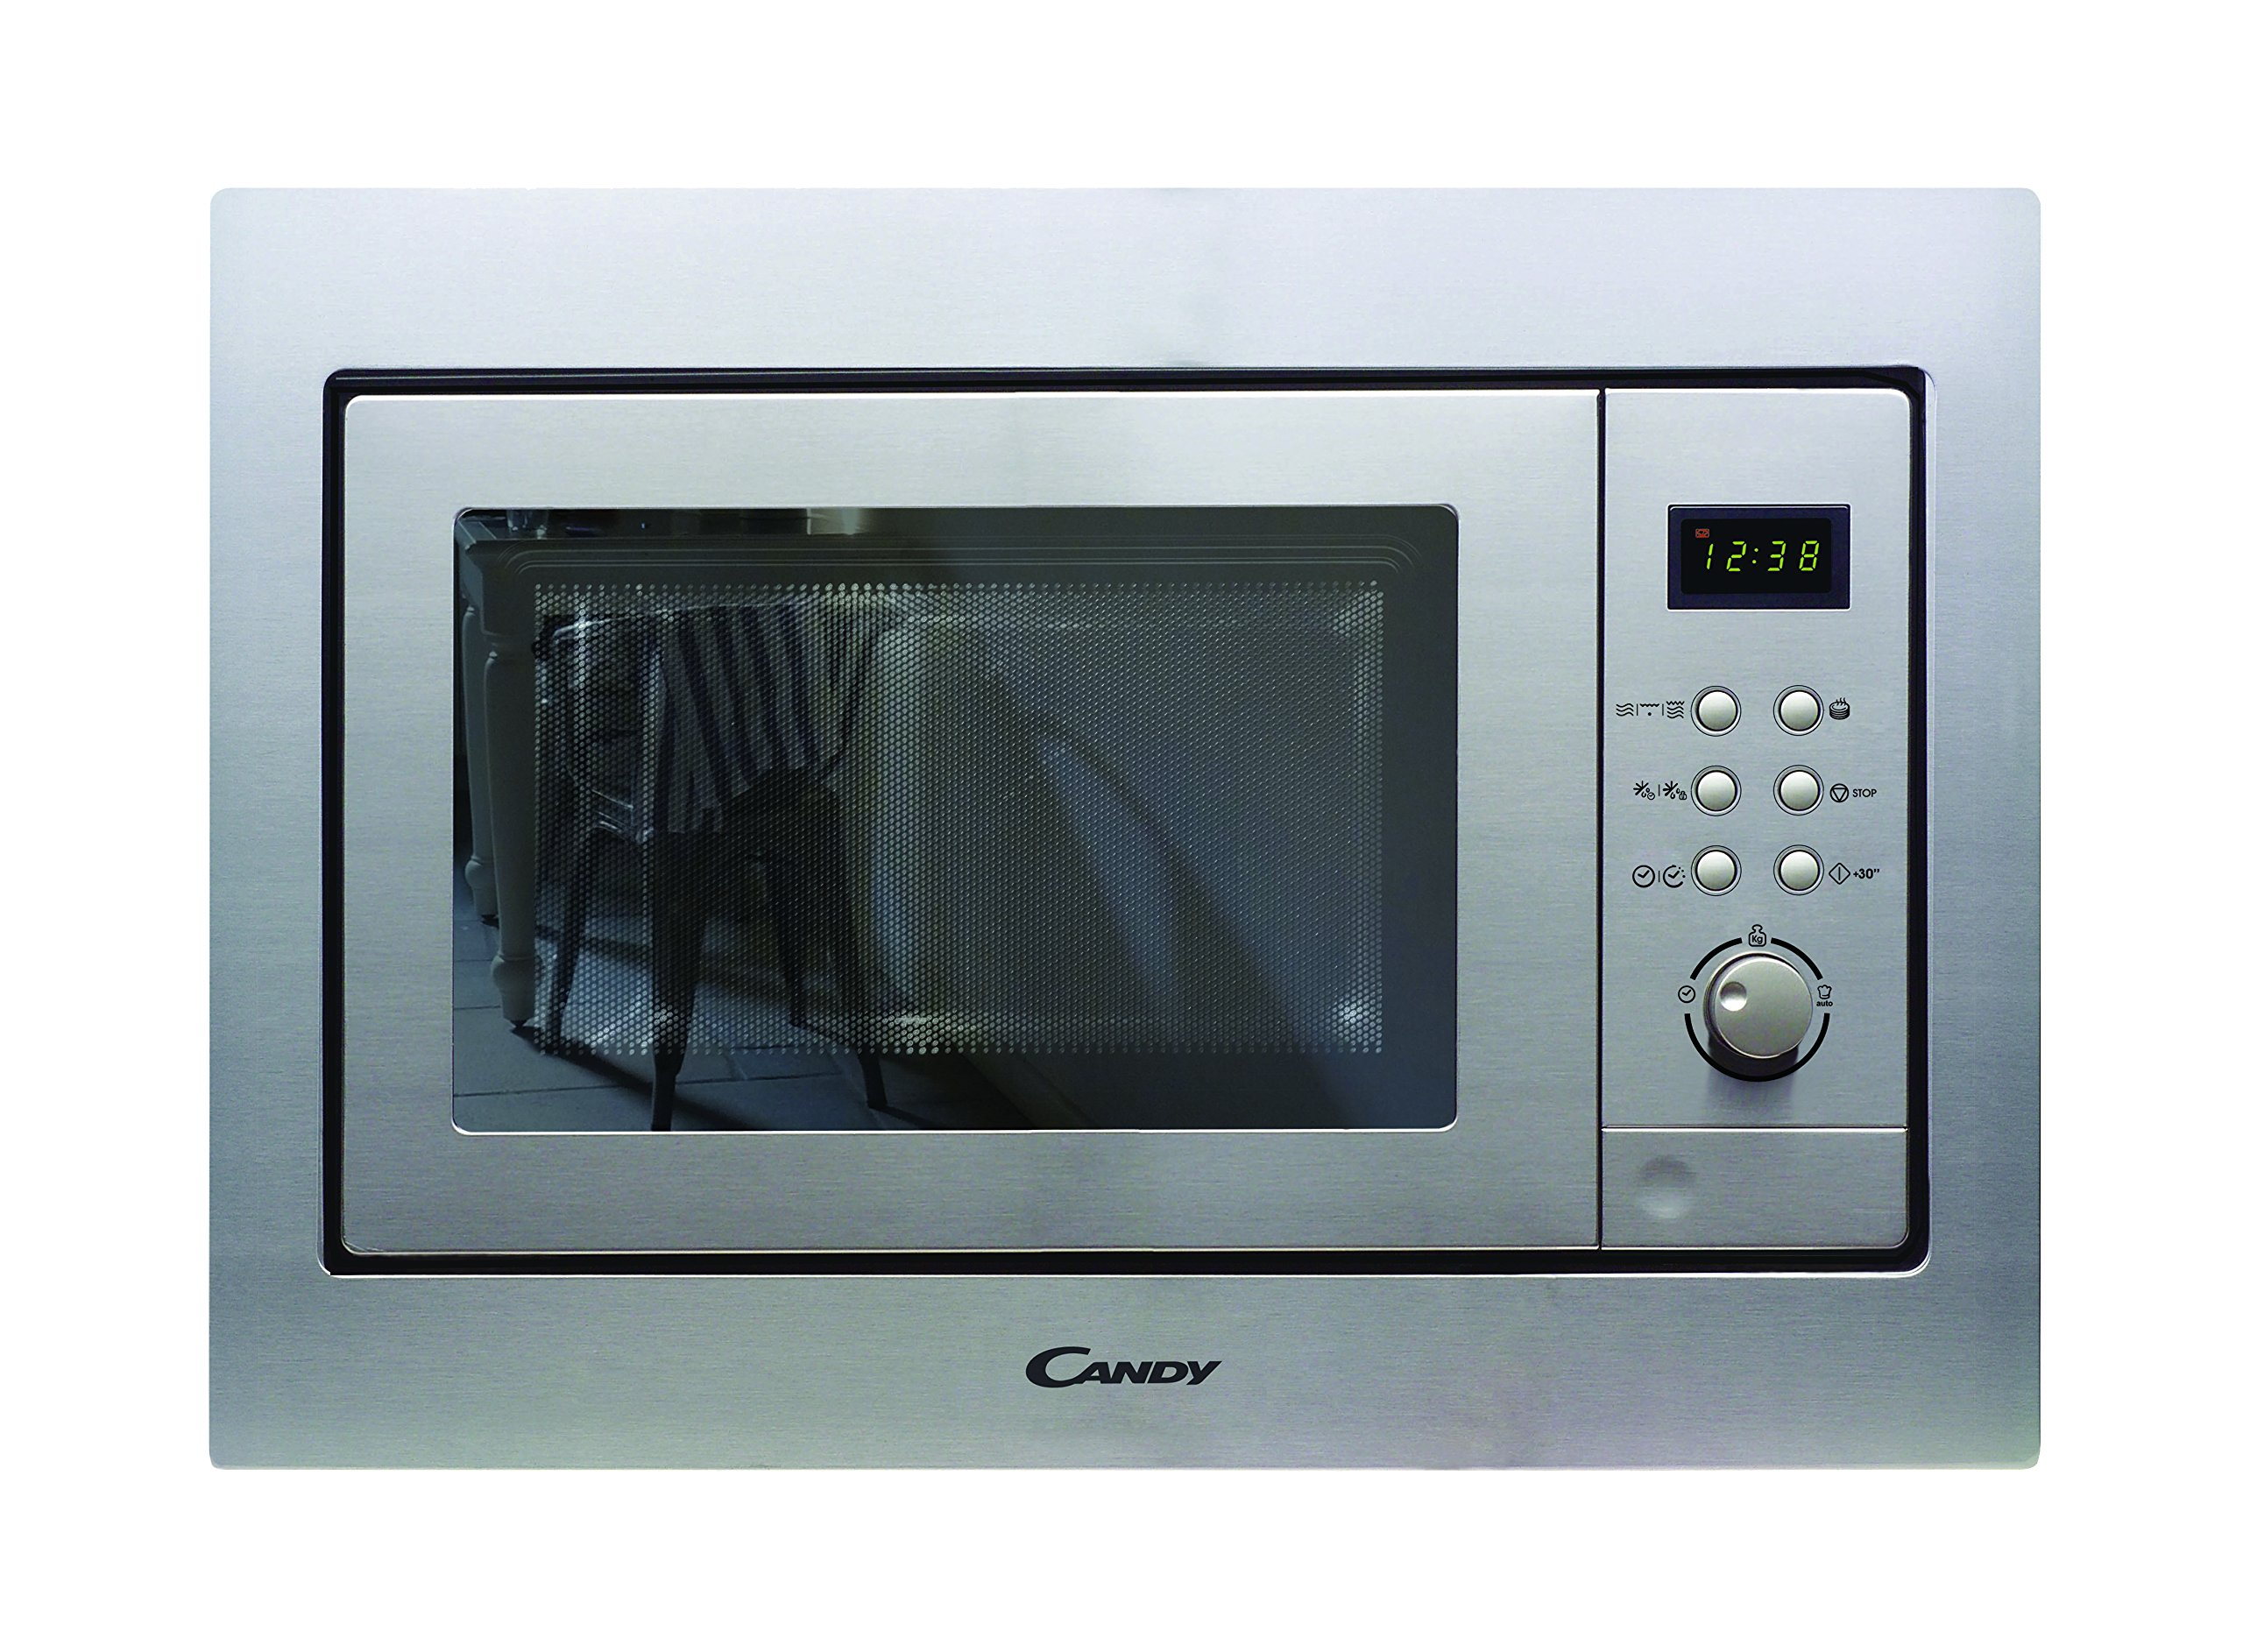 Candy MIC201EX Microondas de encastre con grill, Potencia 800W-1000W, Capacidad 20L, 8 Programas, Color gris product image